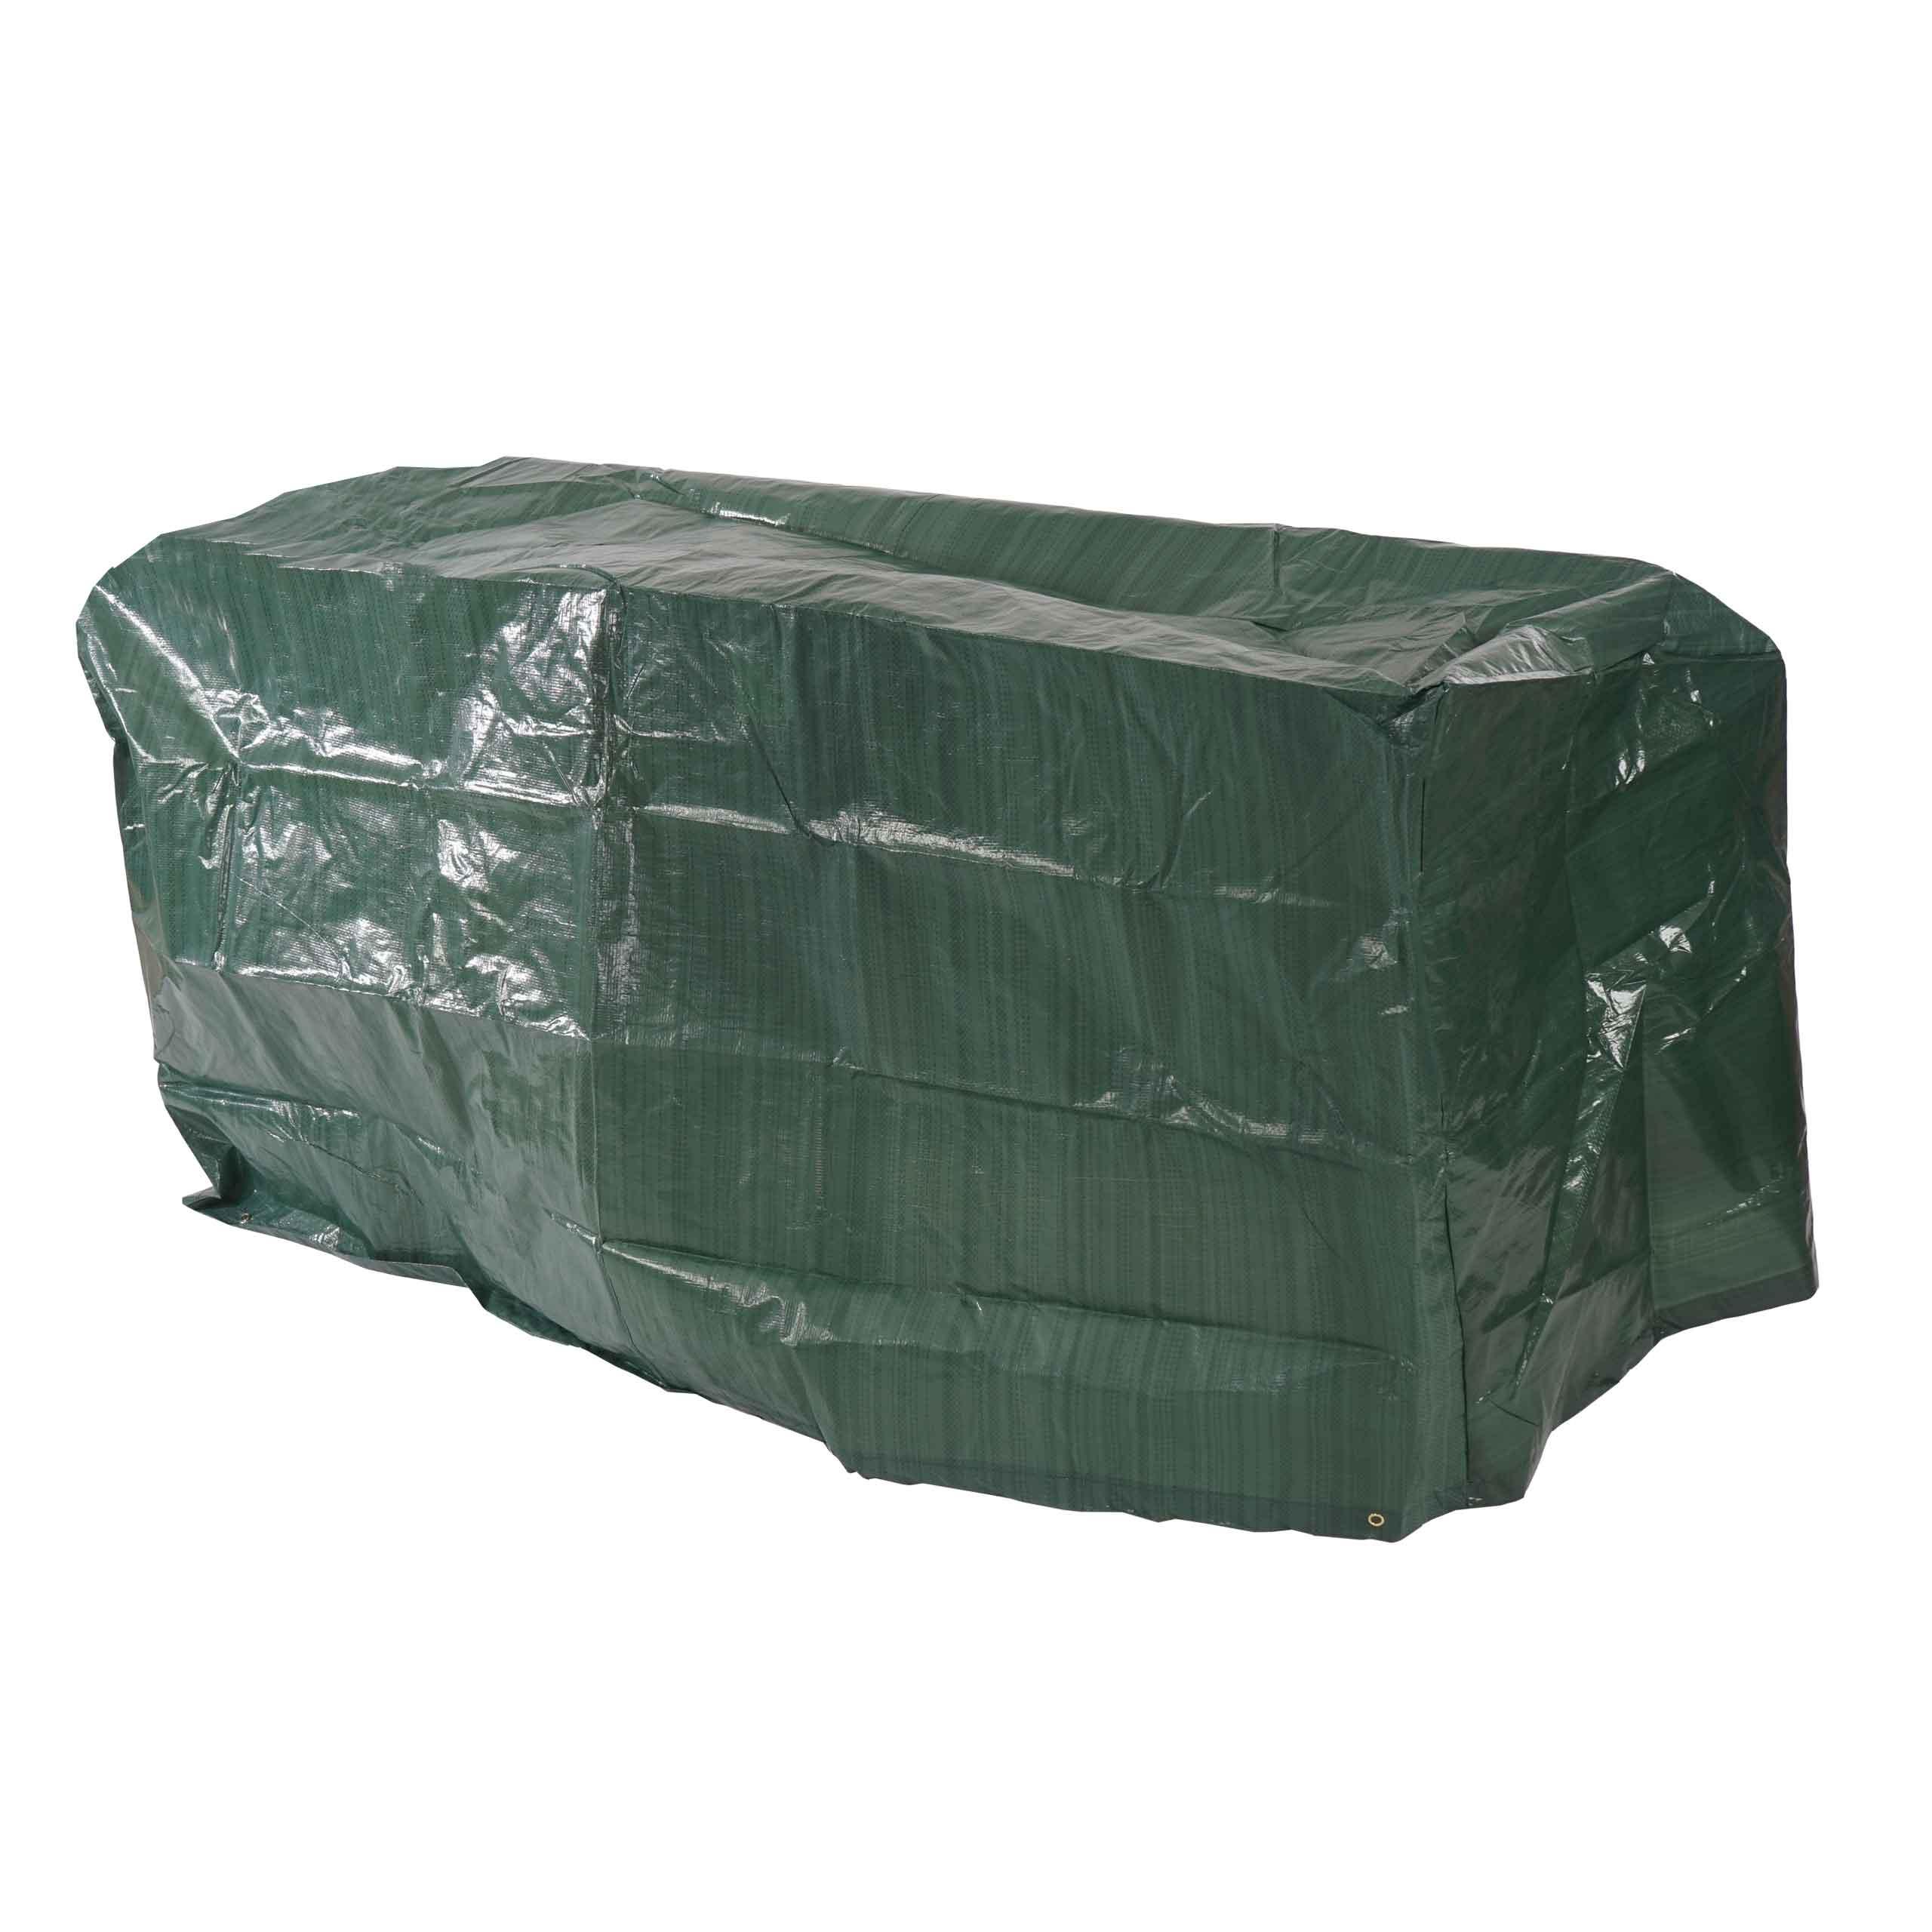 abdeckhaube schutzplane h lle f r gartenb nke 140x70x89cm kaufen bei mendler vertriebs gmbh. Black Bedroom Furniture Sets. Home Design Ideas